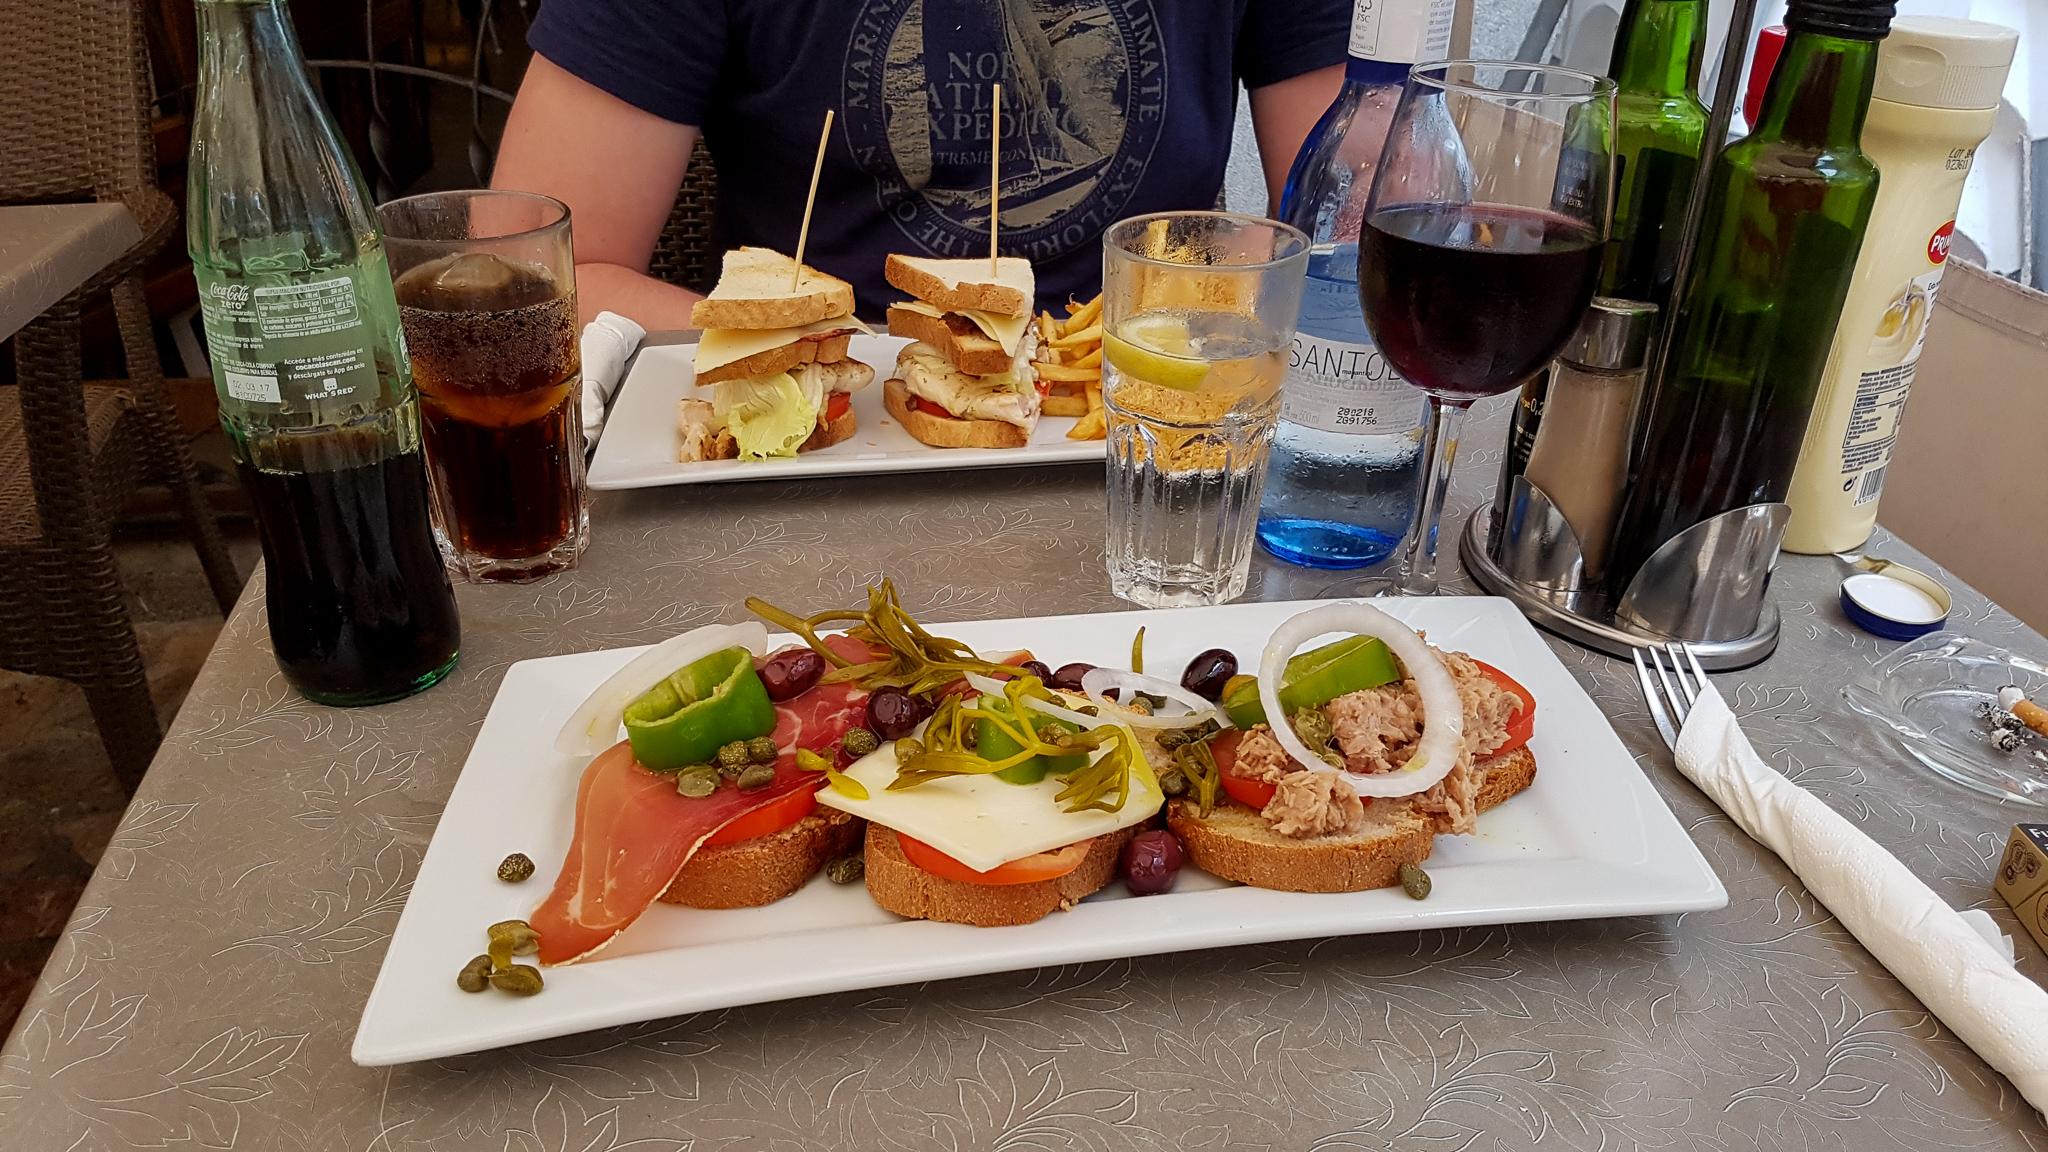 Meine Top 5 Mallorca Restaurant-Tipps 2019 22